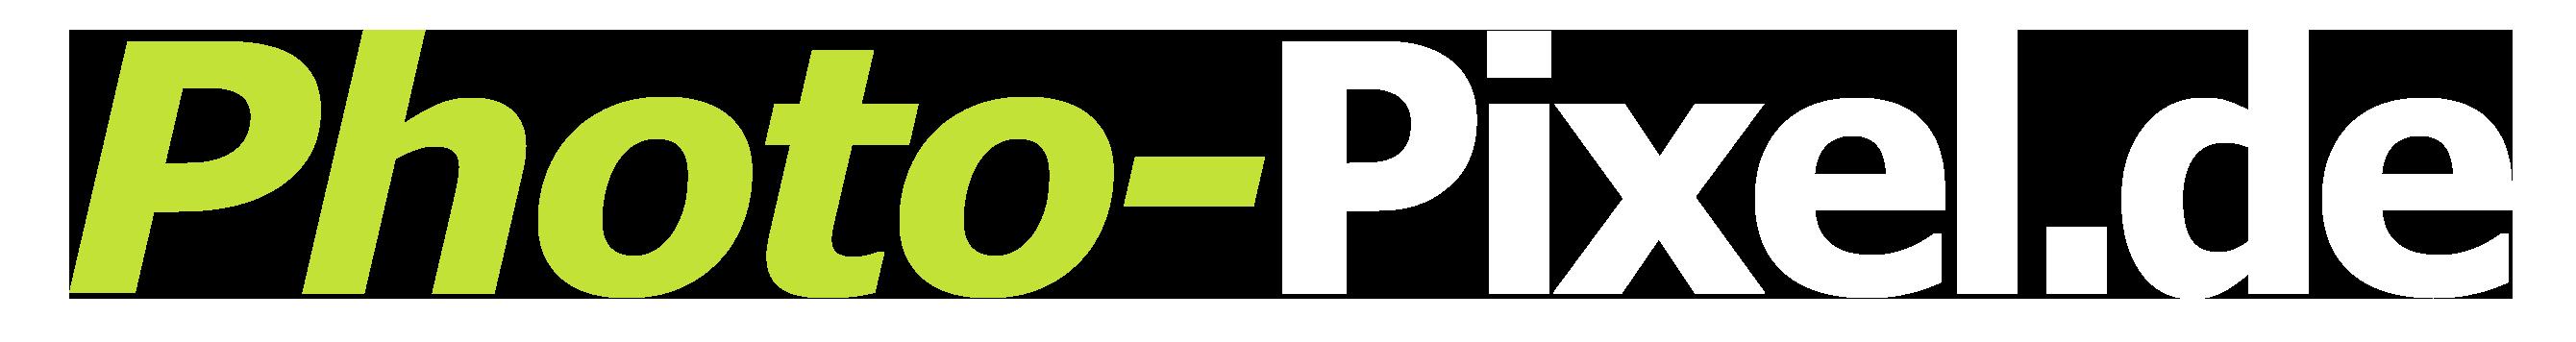 Photo-Pixel.de-Bildbearbeitung mit Photoshop